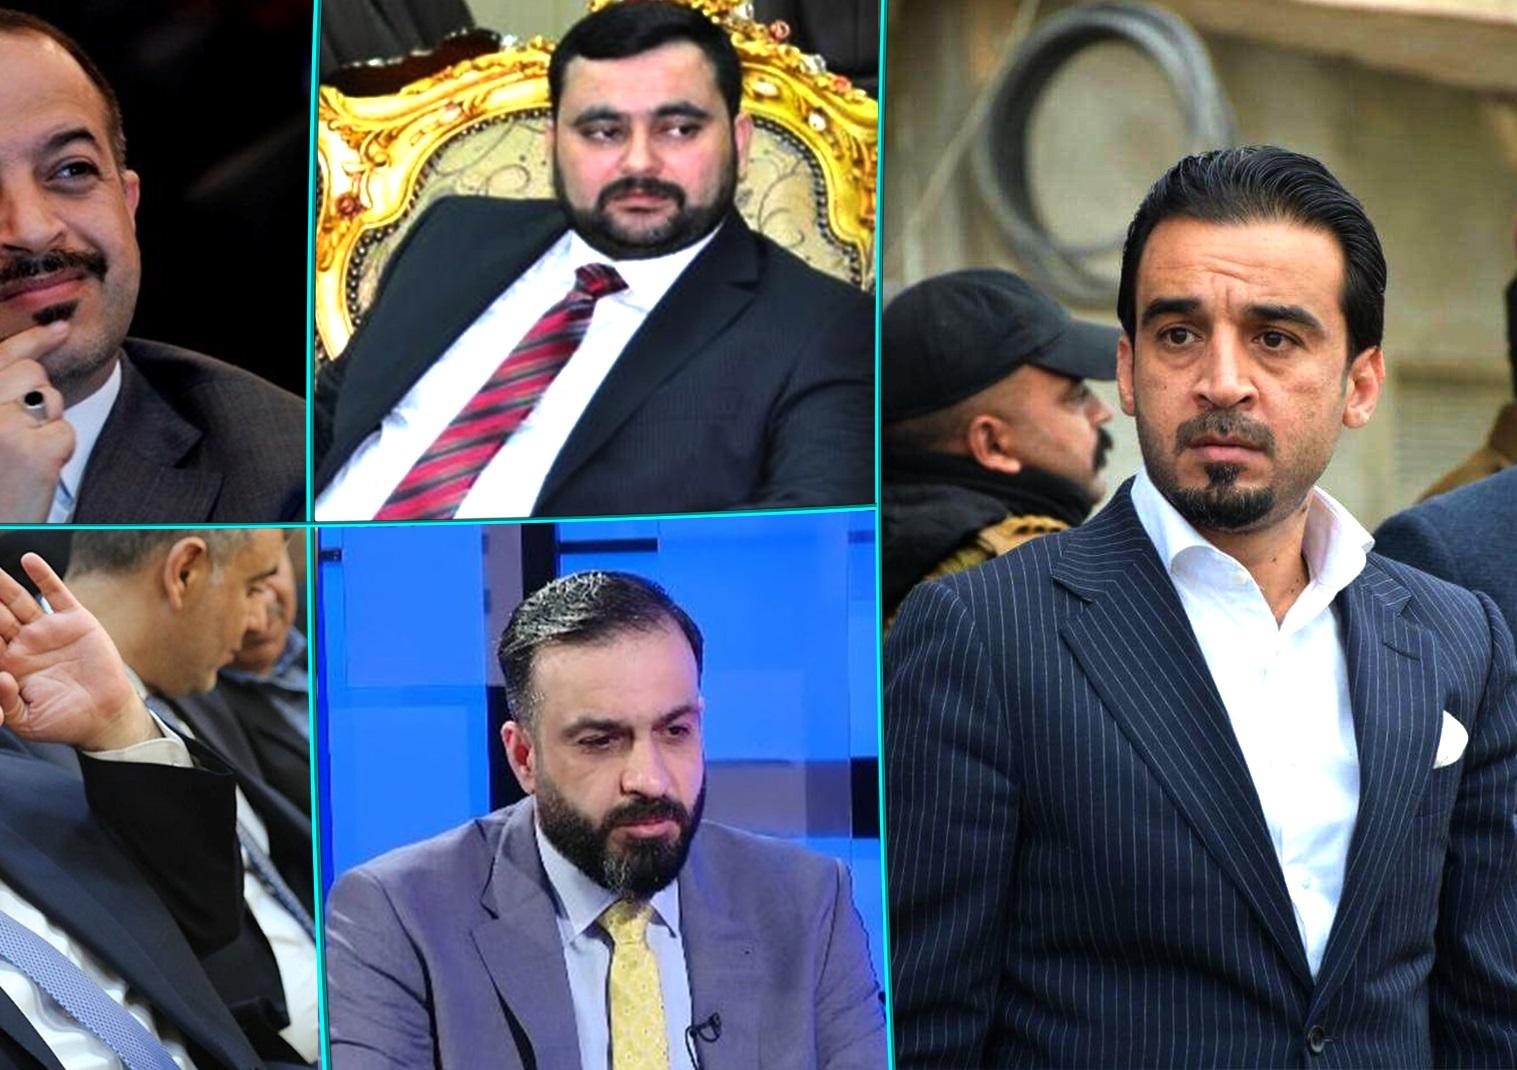 الهاشمي يكشف تفاصيل اجتماع منزل رئيس البرلمان بشأن حكومة علاوي